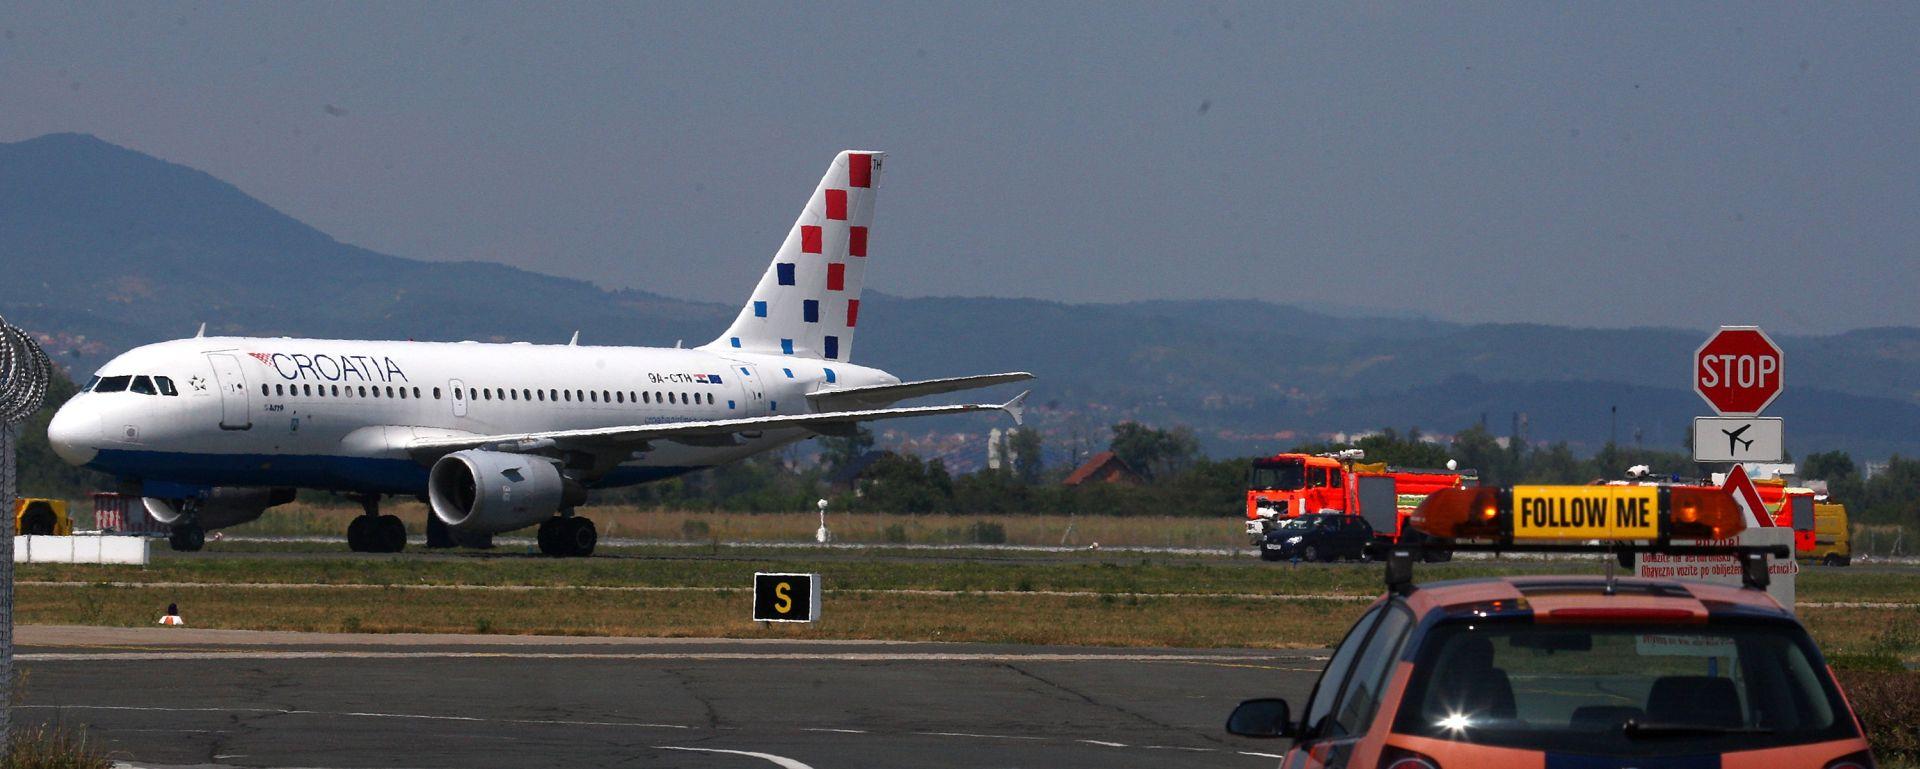 'Aviomehaničari masovno odlaze iz Croatia Airlinesa, Uprava tvrdi – to je normalno'